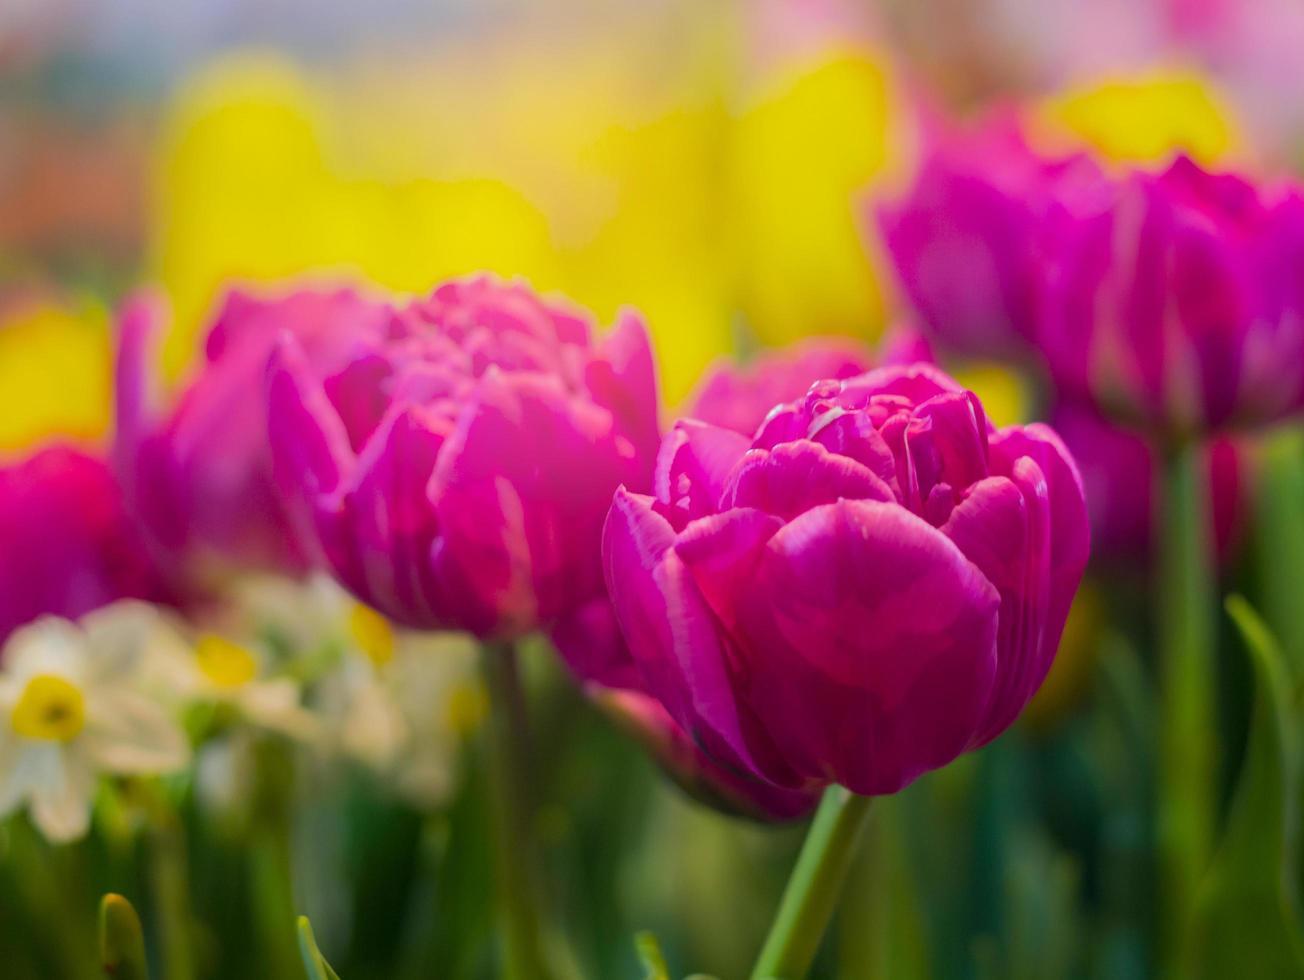 Tulips blooming in garden photo